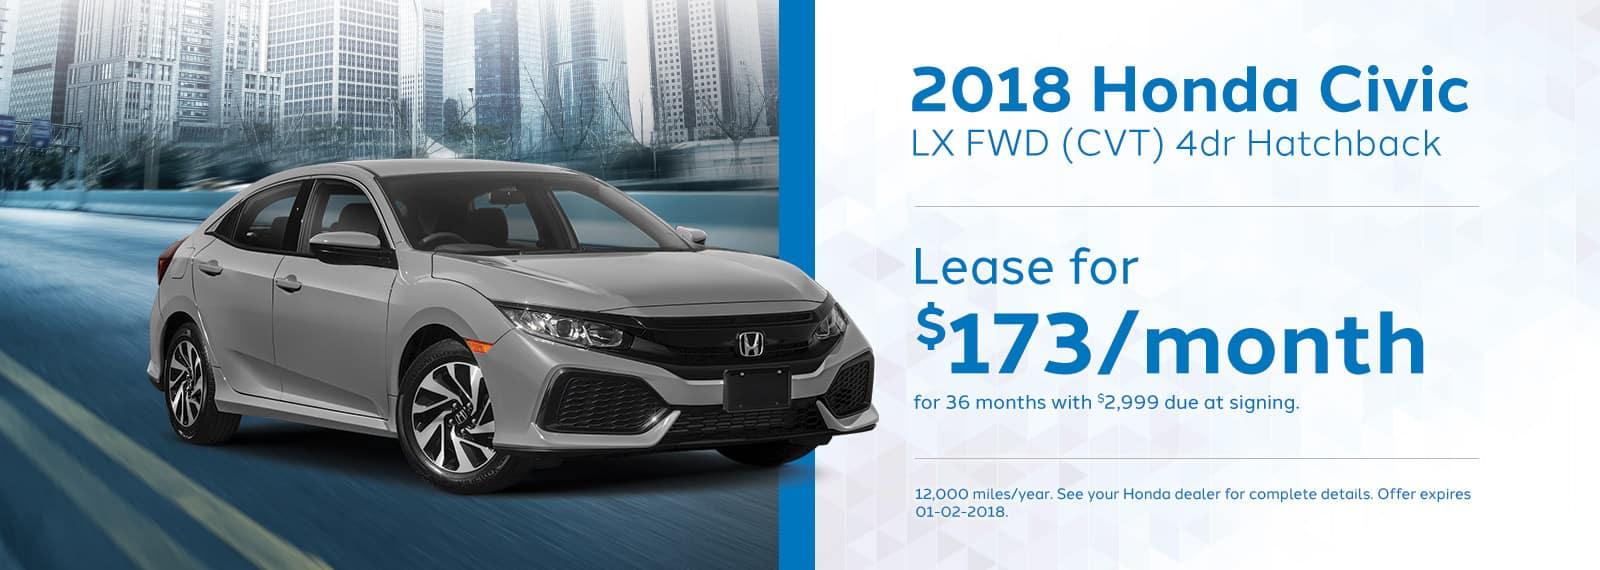 Genthe Honda Homepage Lease Offer Banner Civic-LX-Hatchback